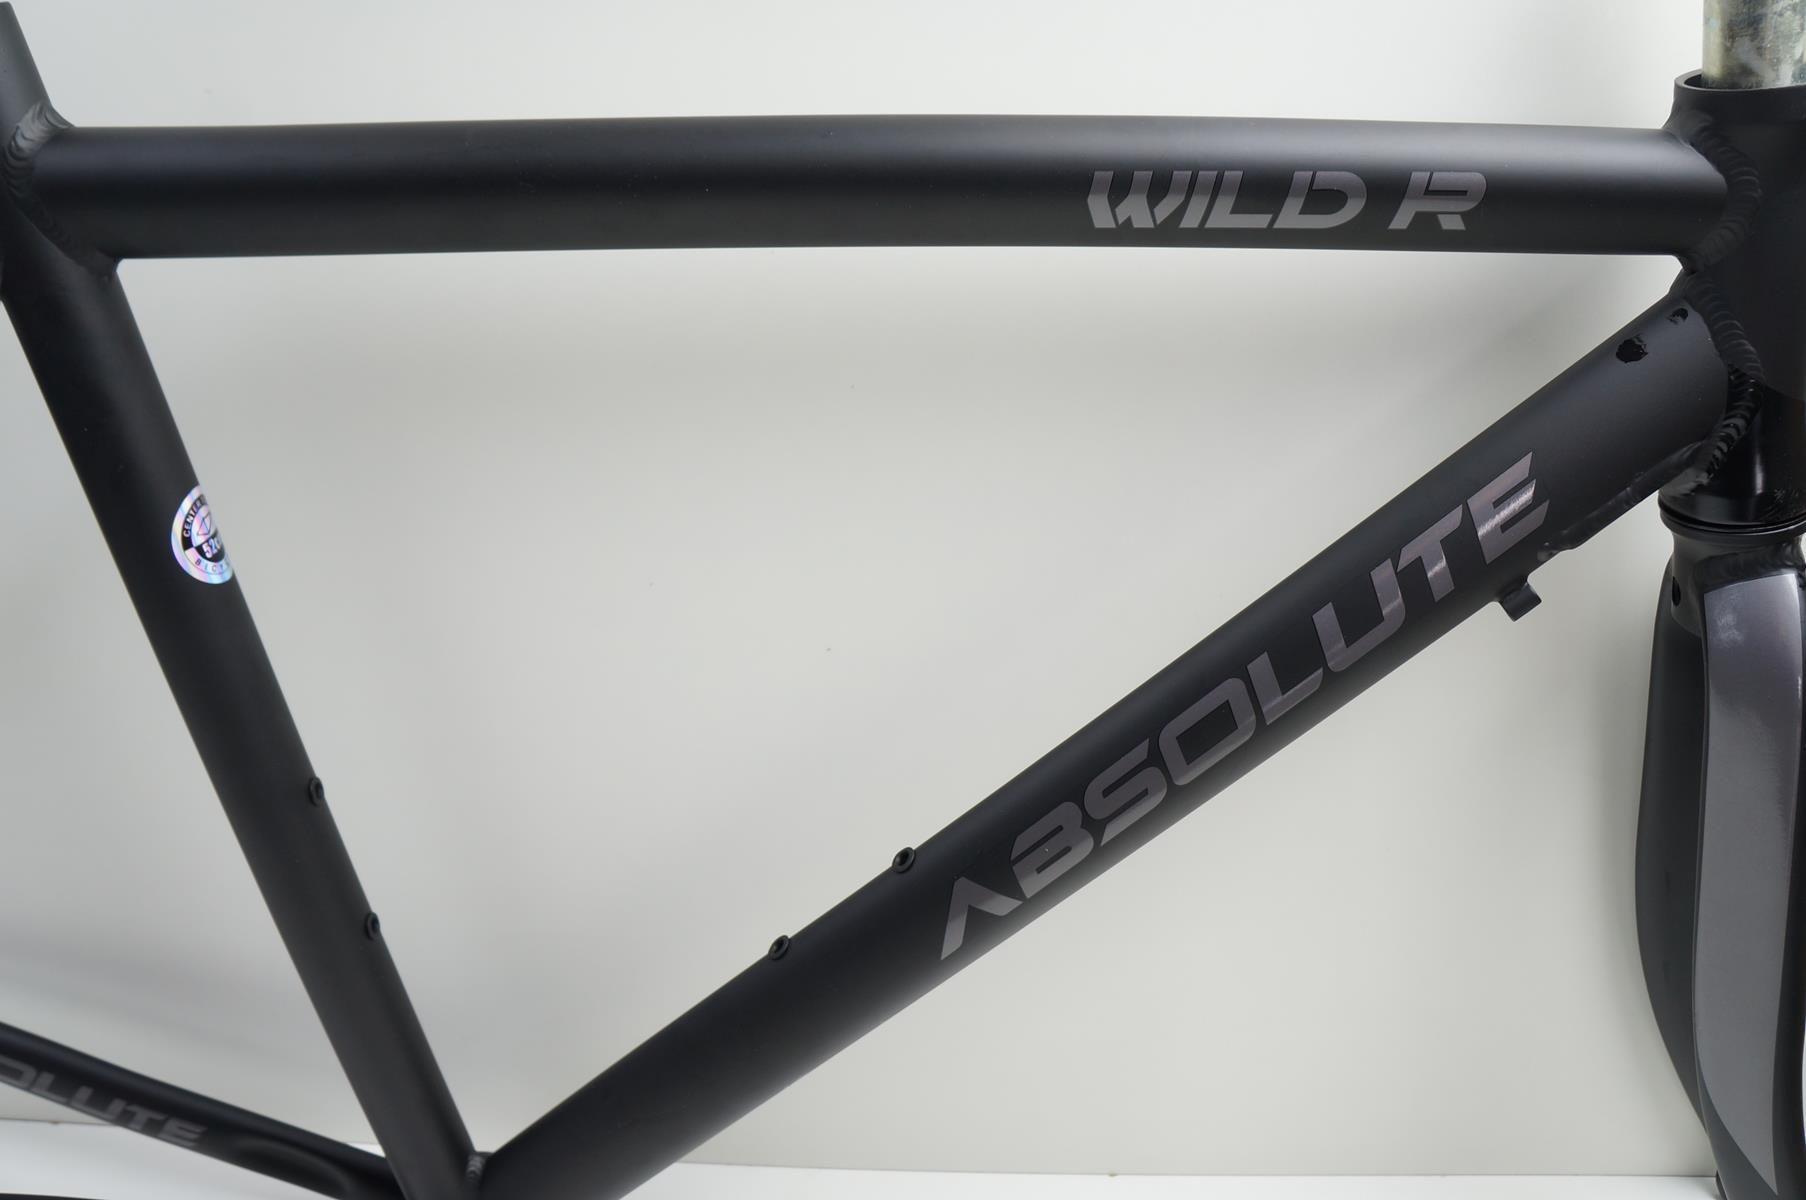 Quadro Bicicleta Speed Absolute Wild R Preto Fosco em Alumínio com Garfo Aro 700